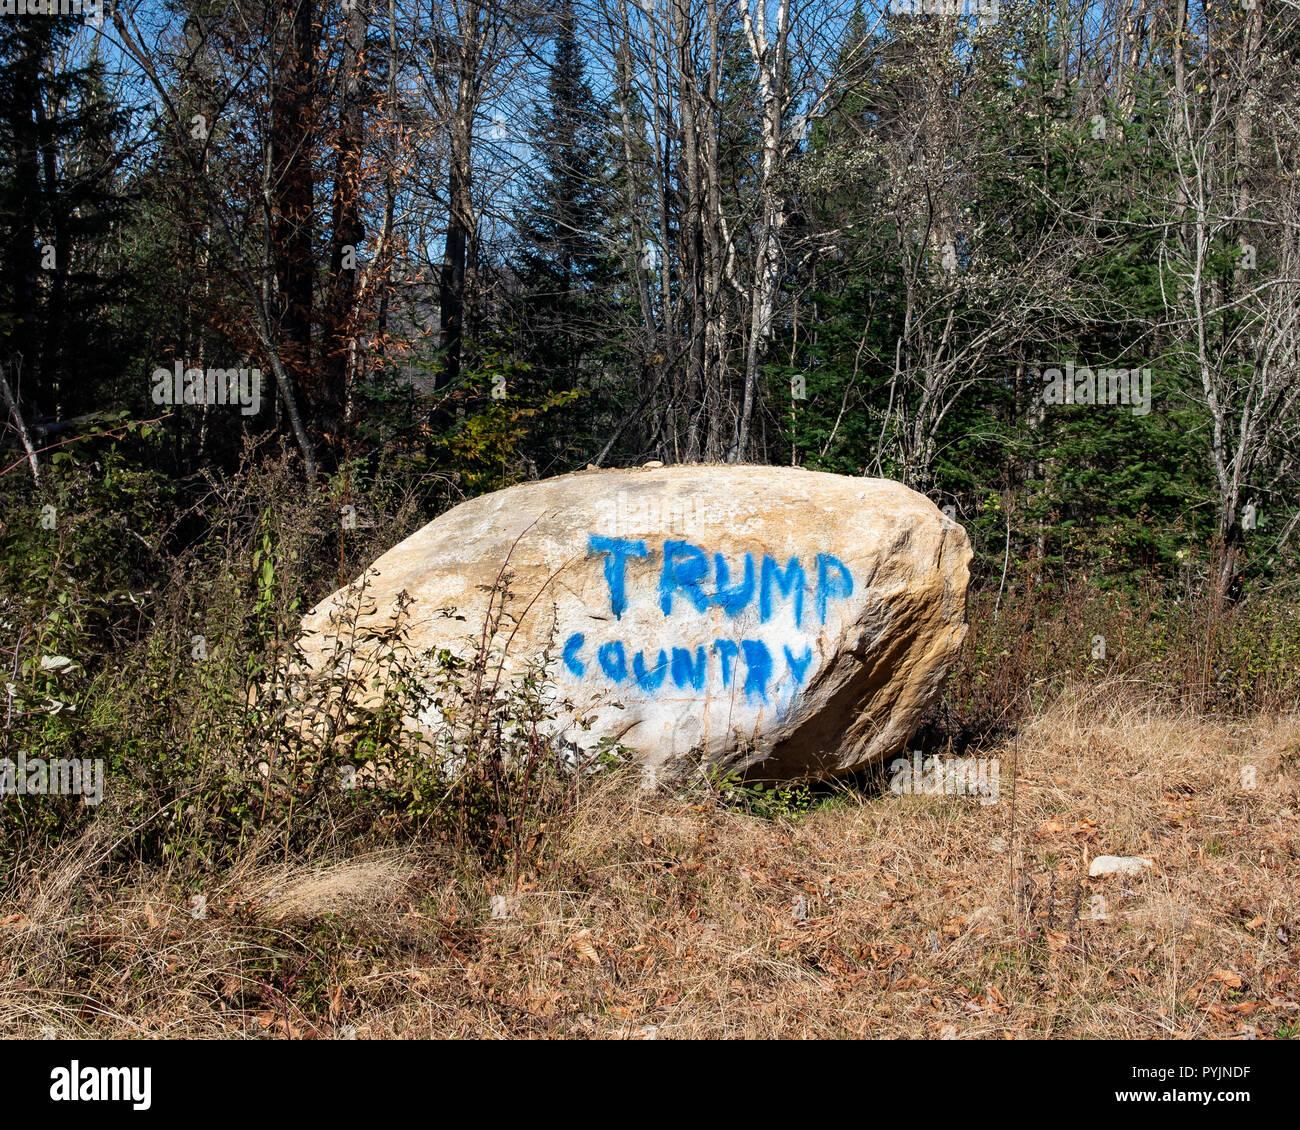 'País' Trump graffiti pintado en una roca en el desierto por un vandalismo de Adirondack. Imagen De Stock